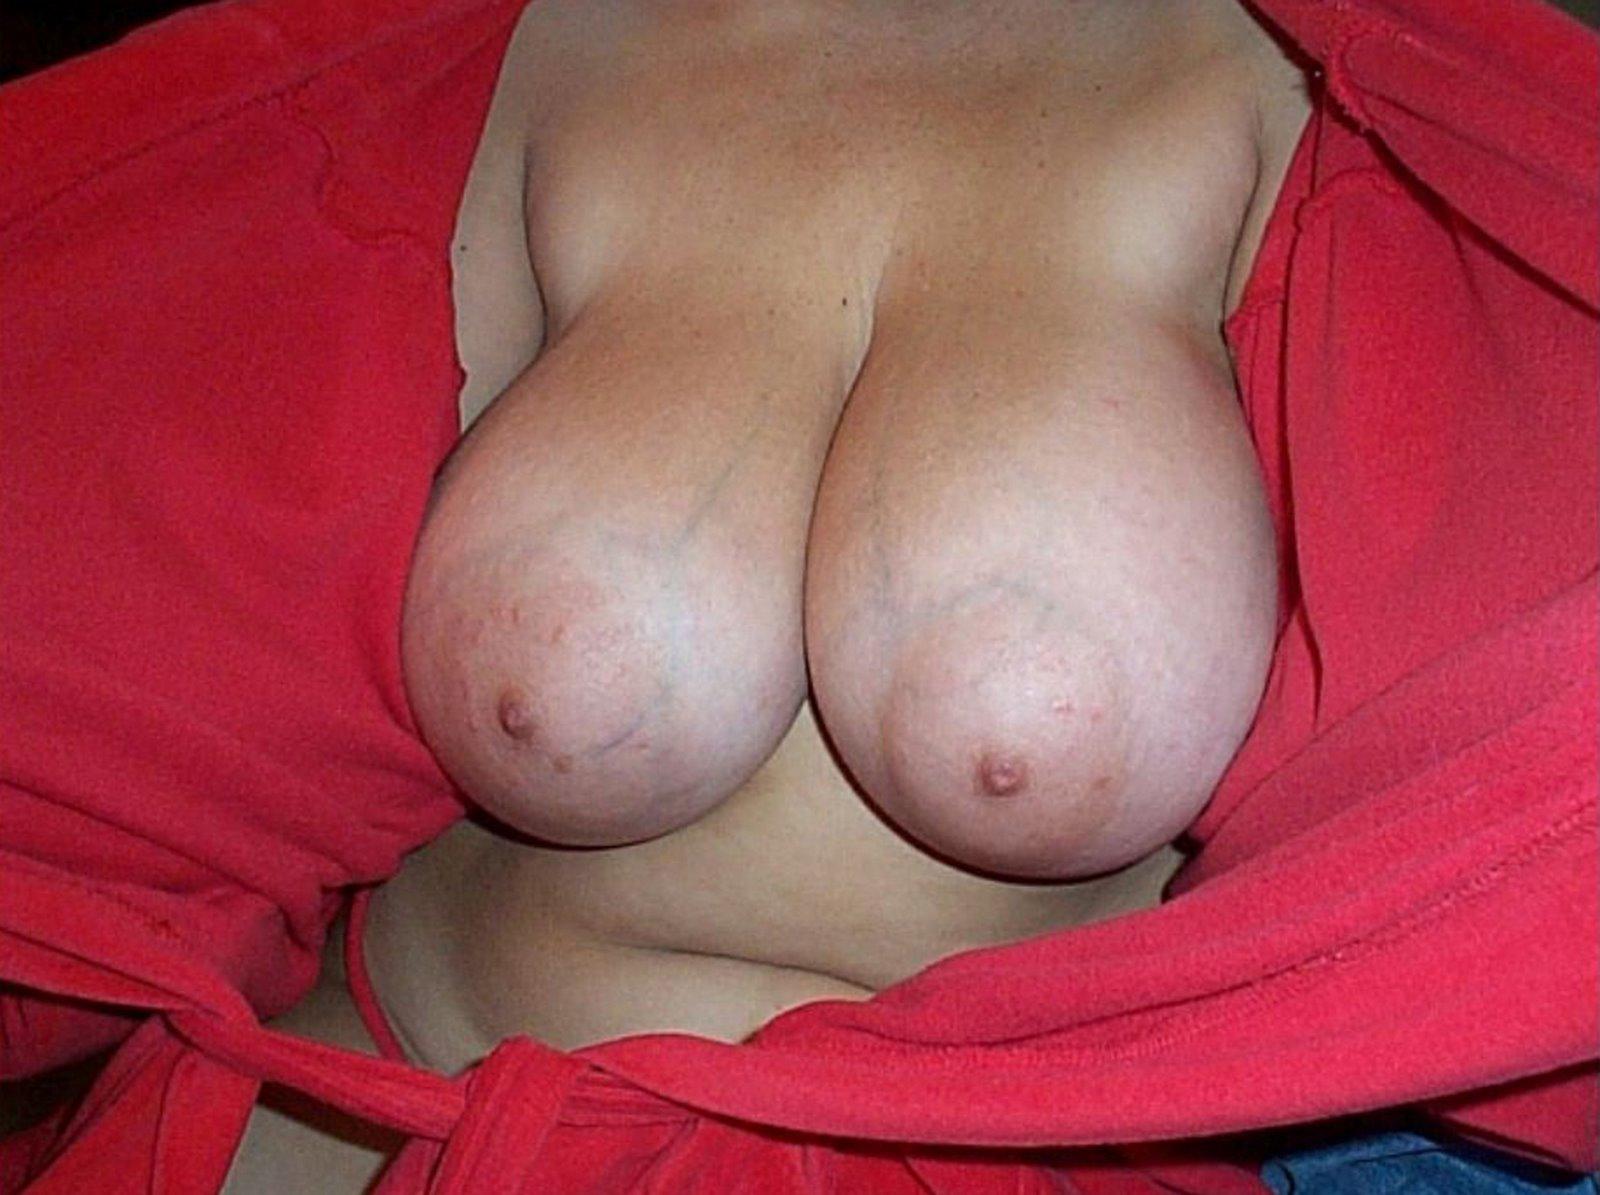 Соски с большими ореолами 7 фотография